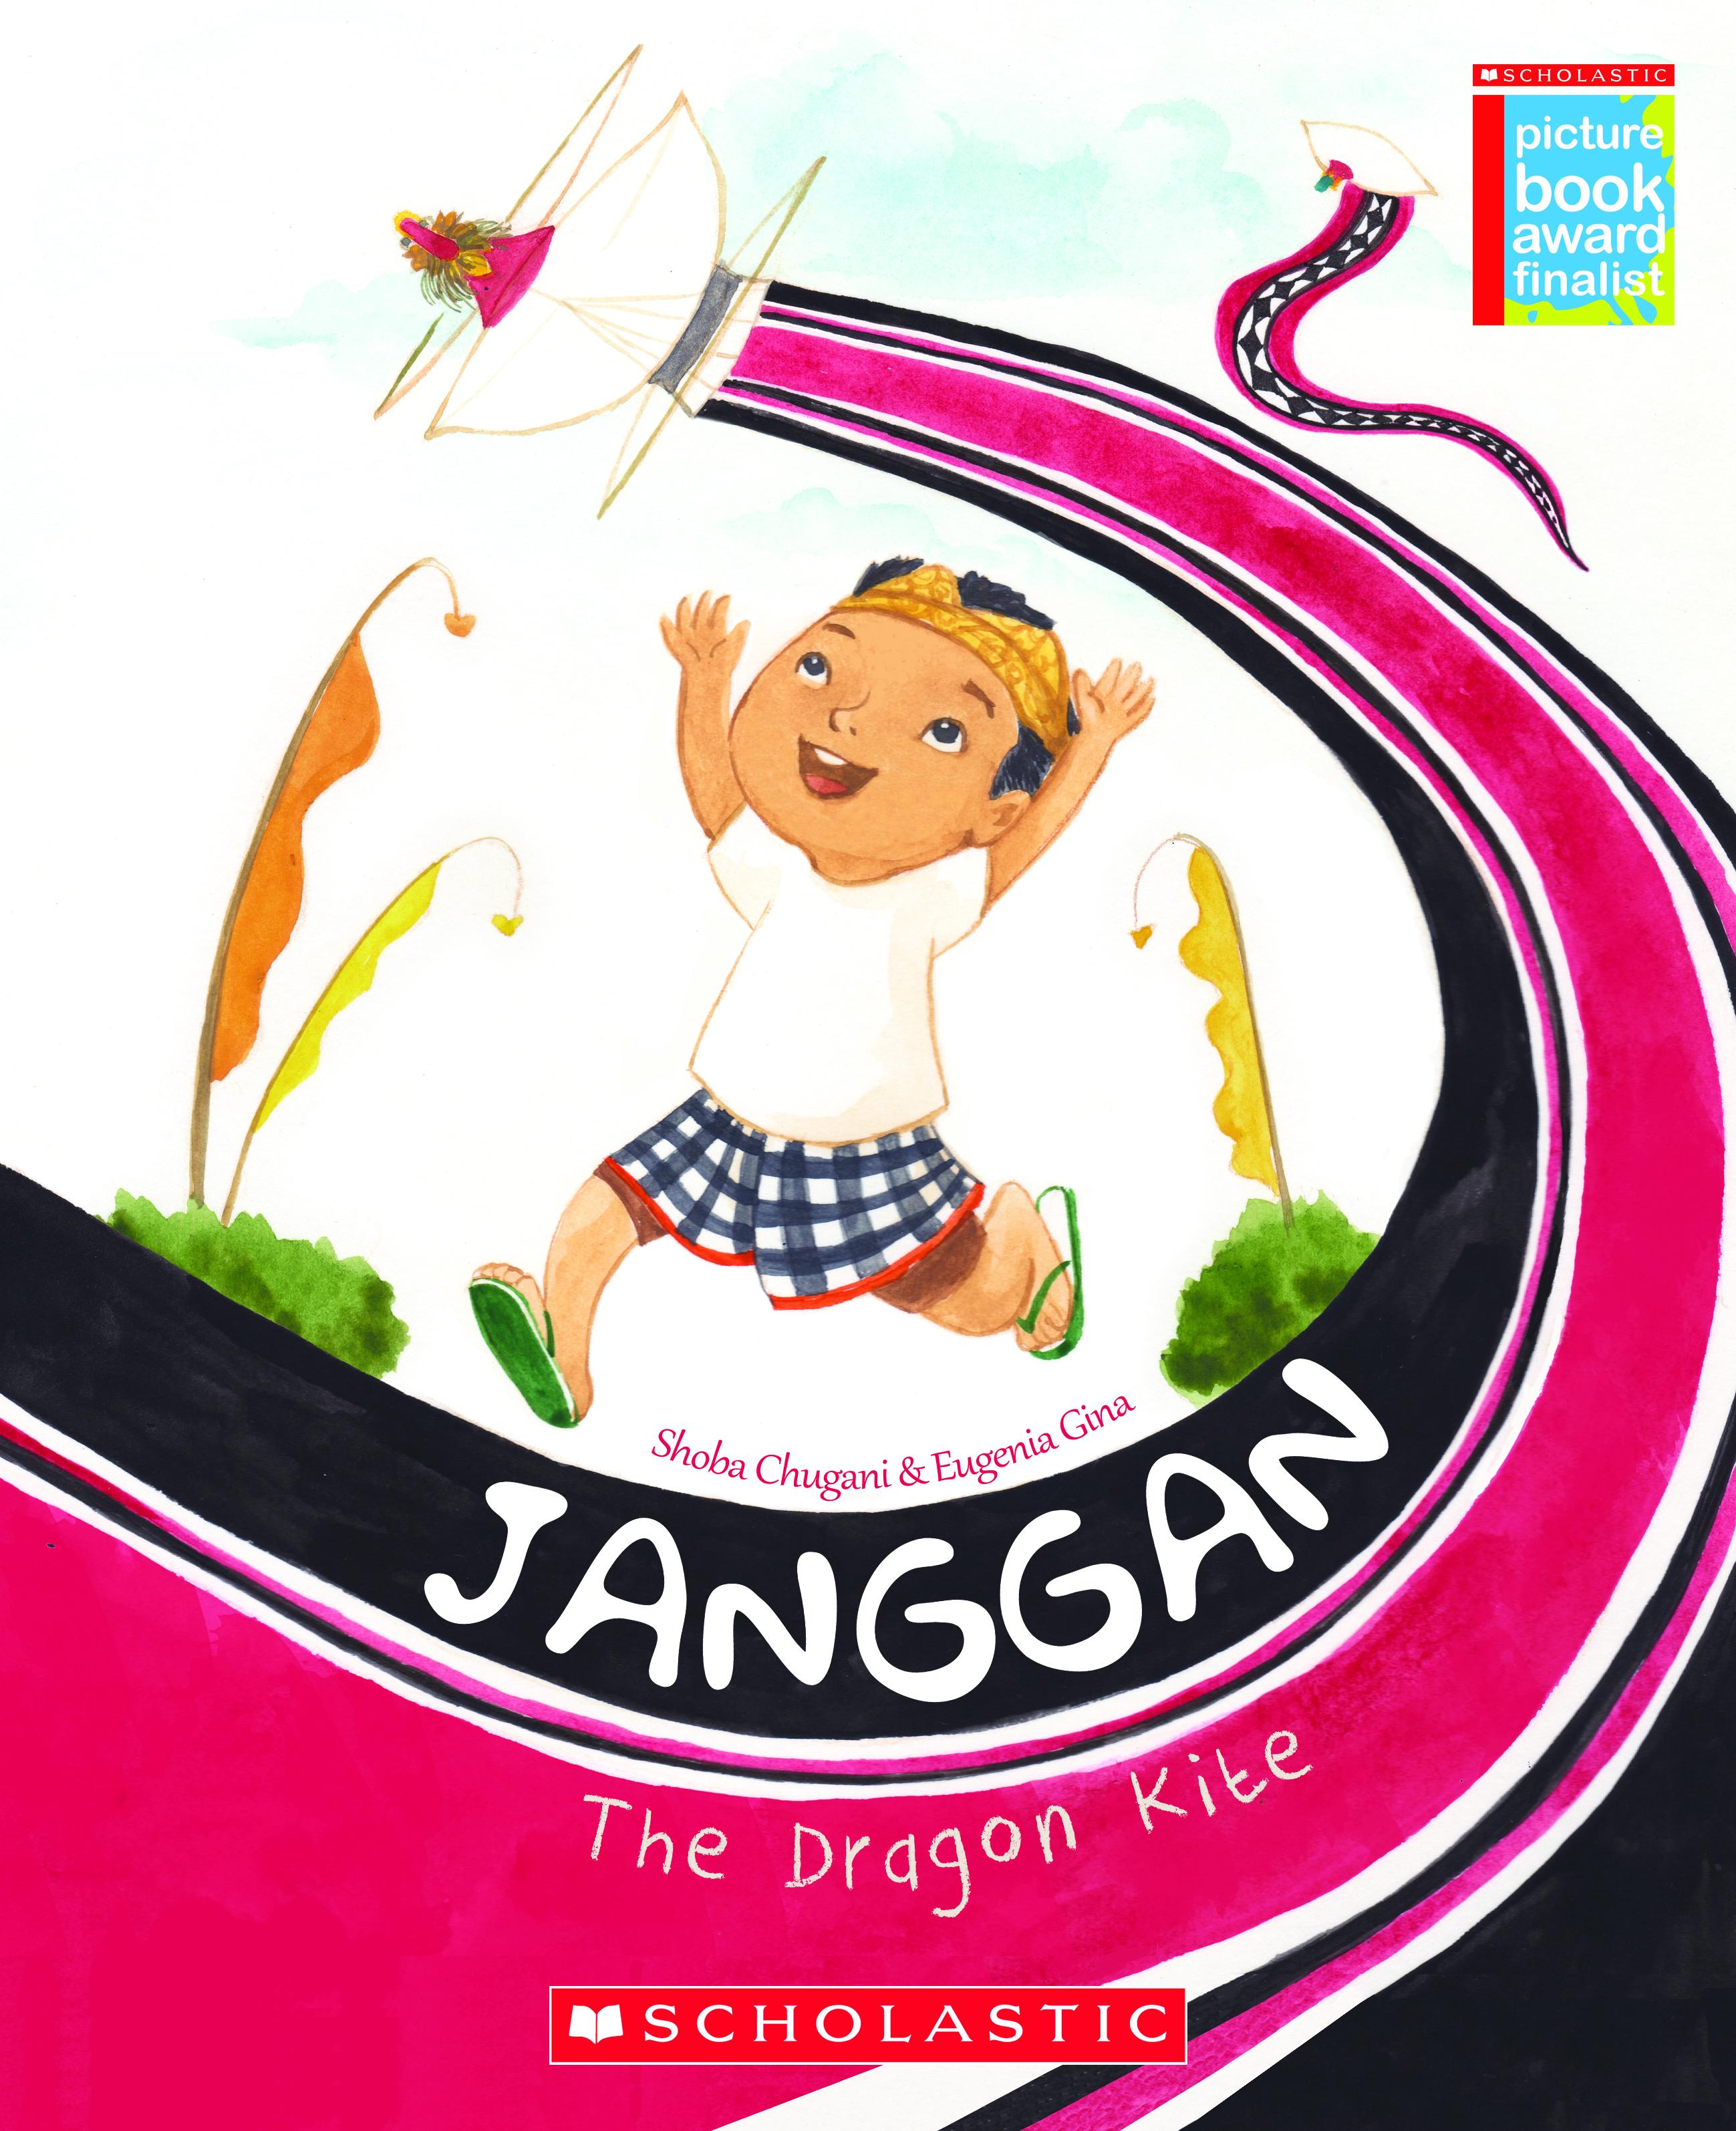 Janggan The Dragon Kite